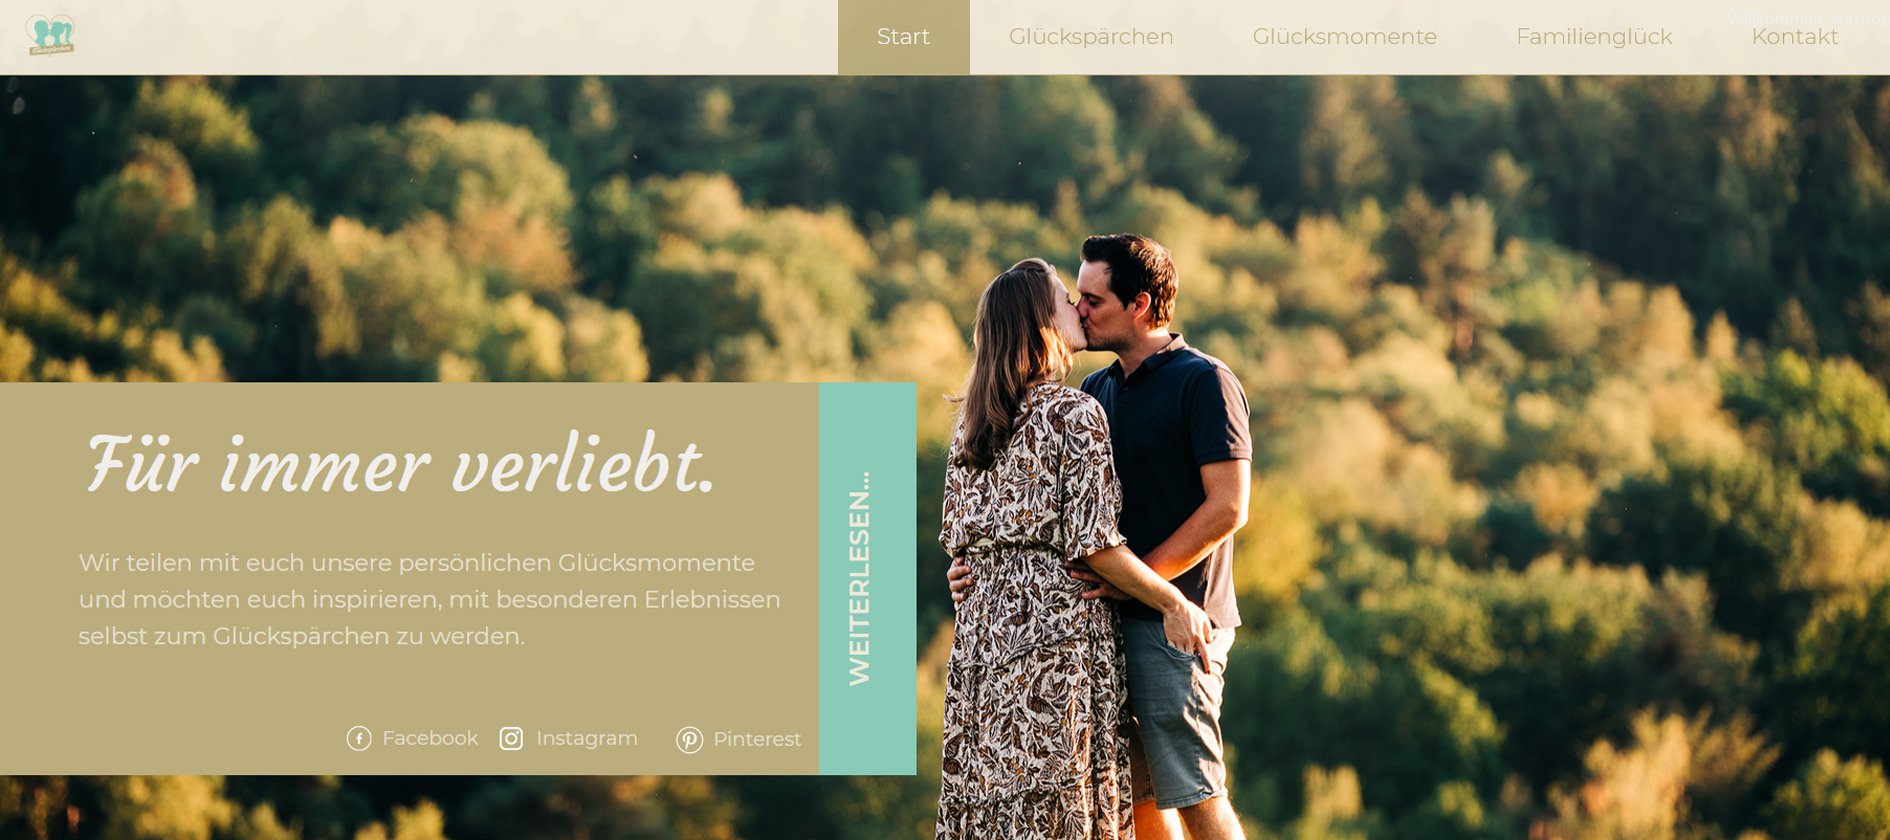 websitepflege_glueckspaerchen_blog